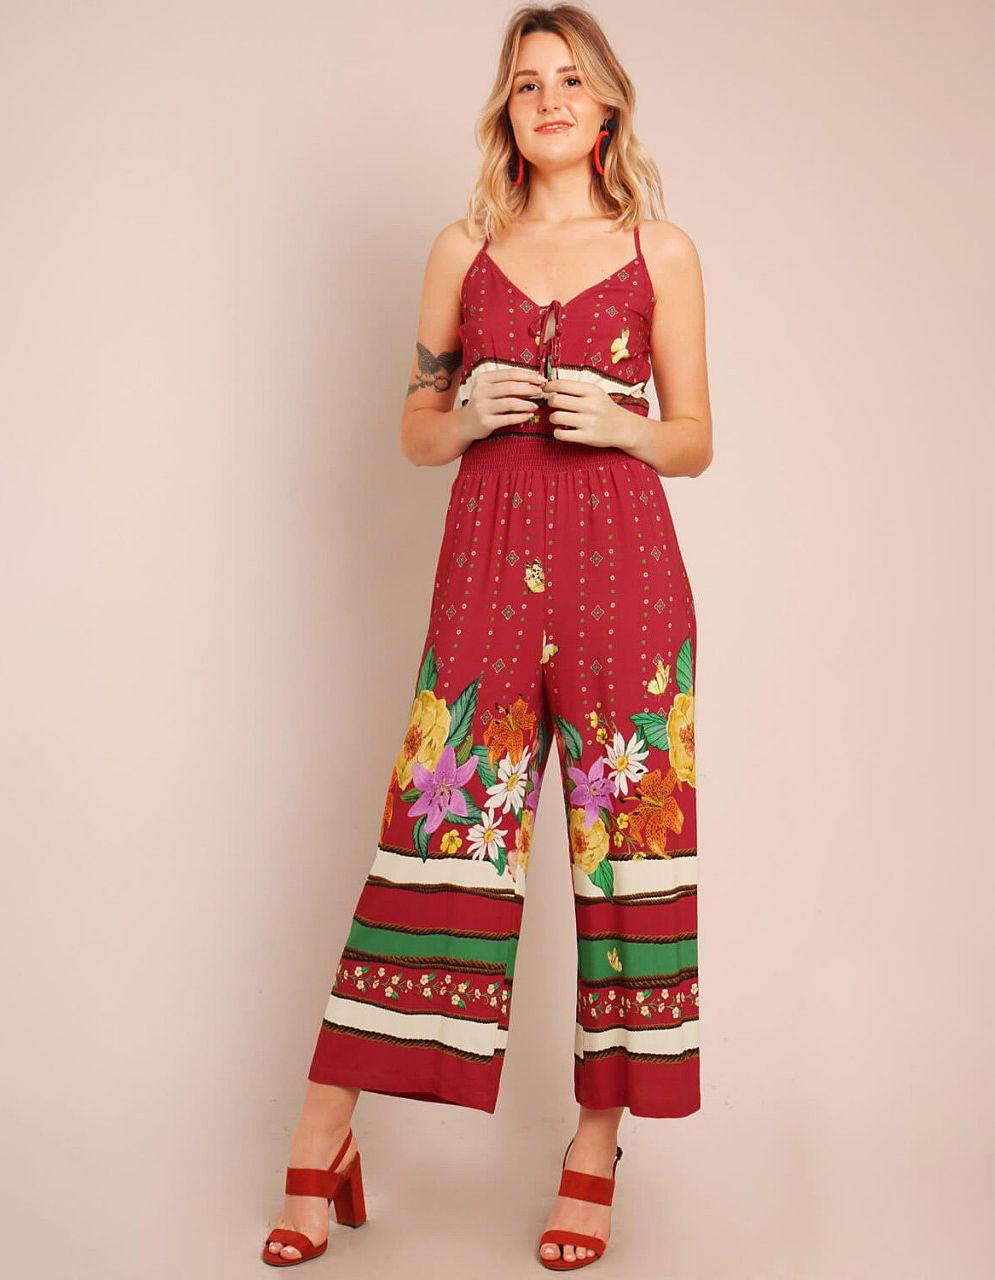 Mono midi rojo tirantes cruzados en espalda y estampa floral Malagueta-72136MAL-A